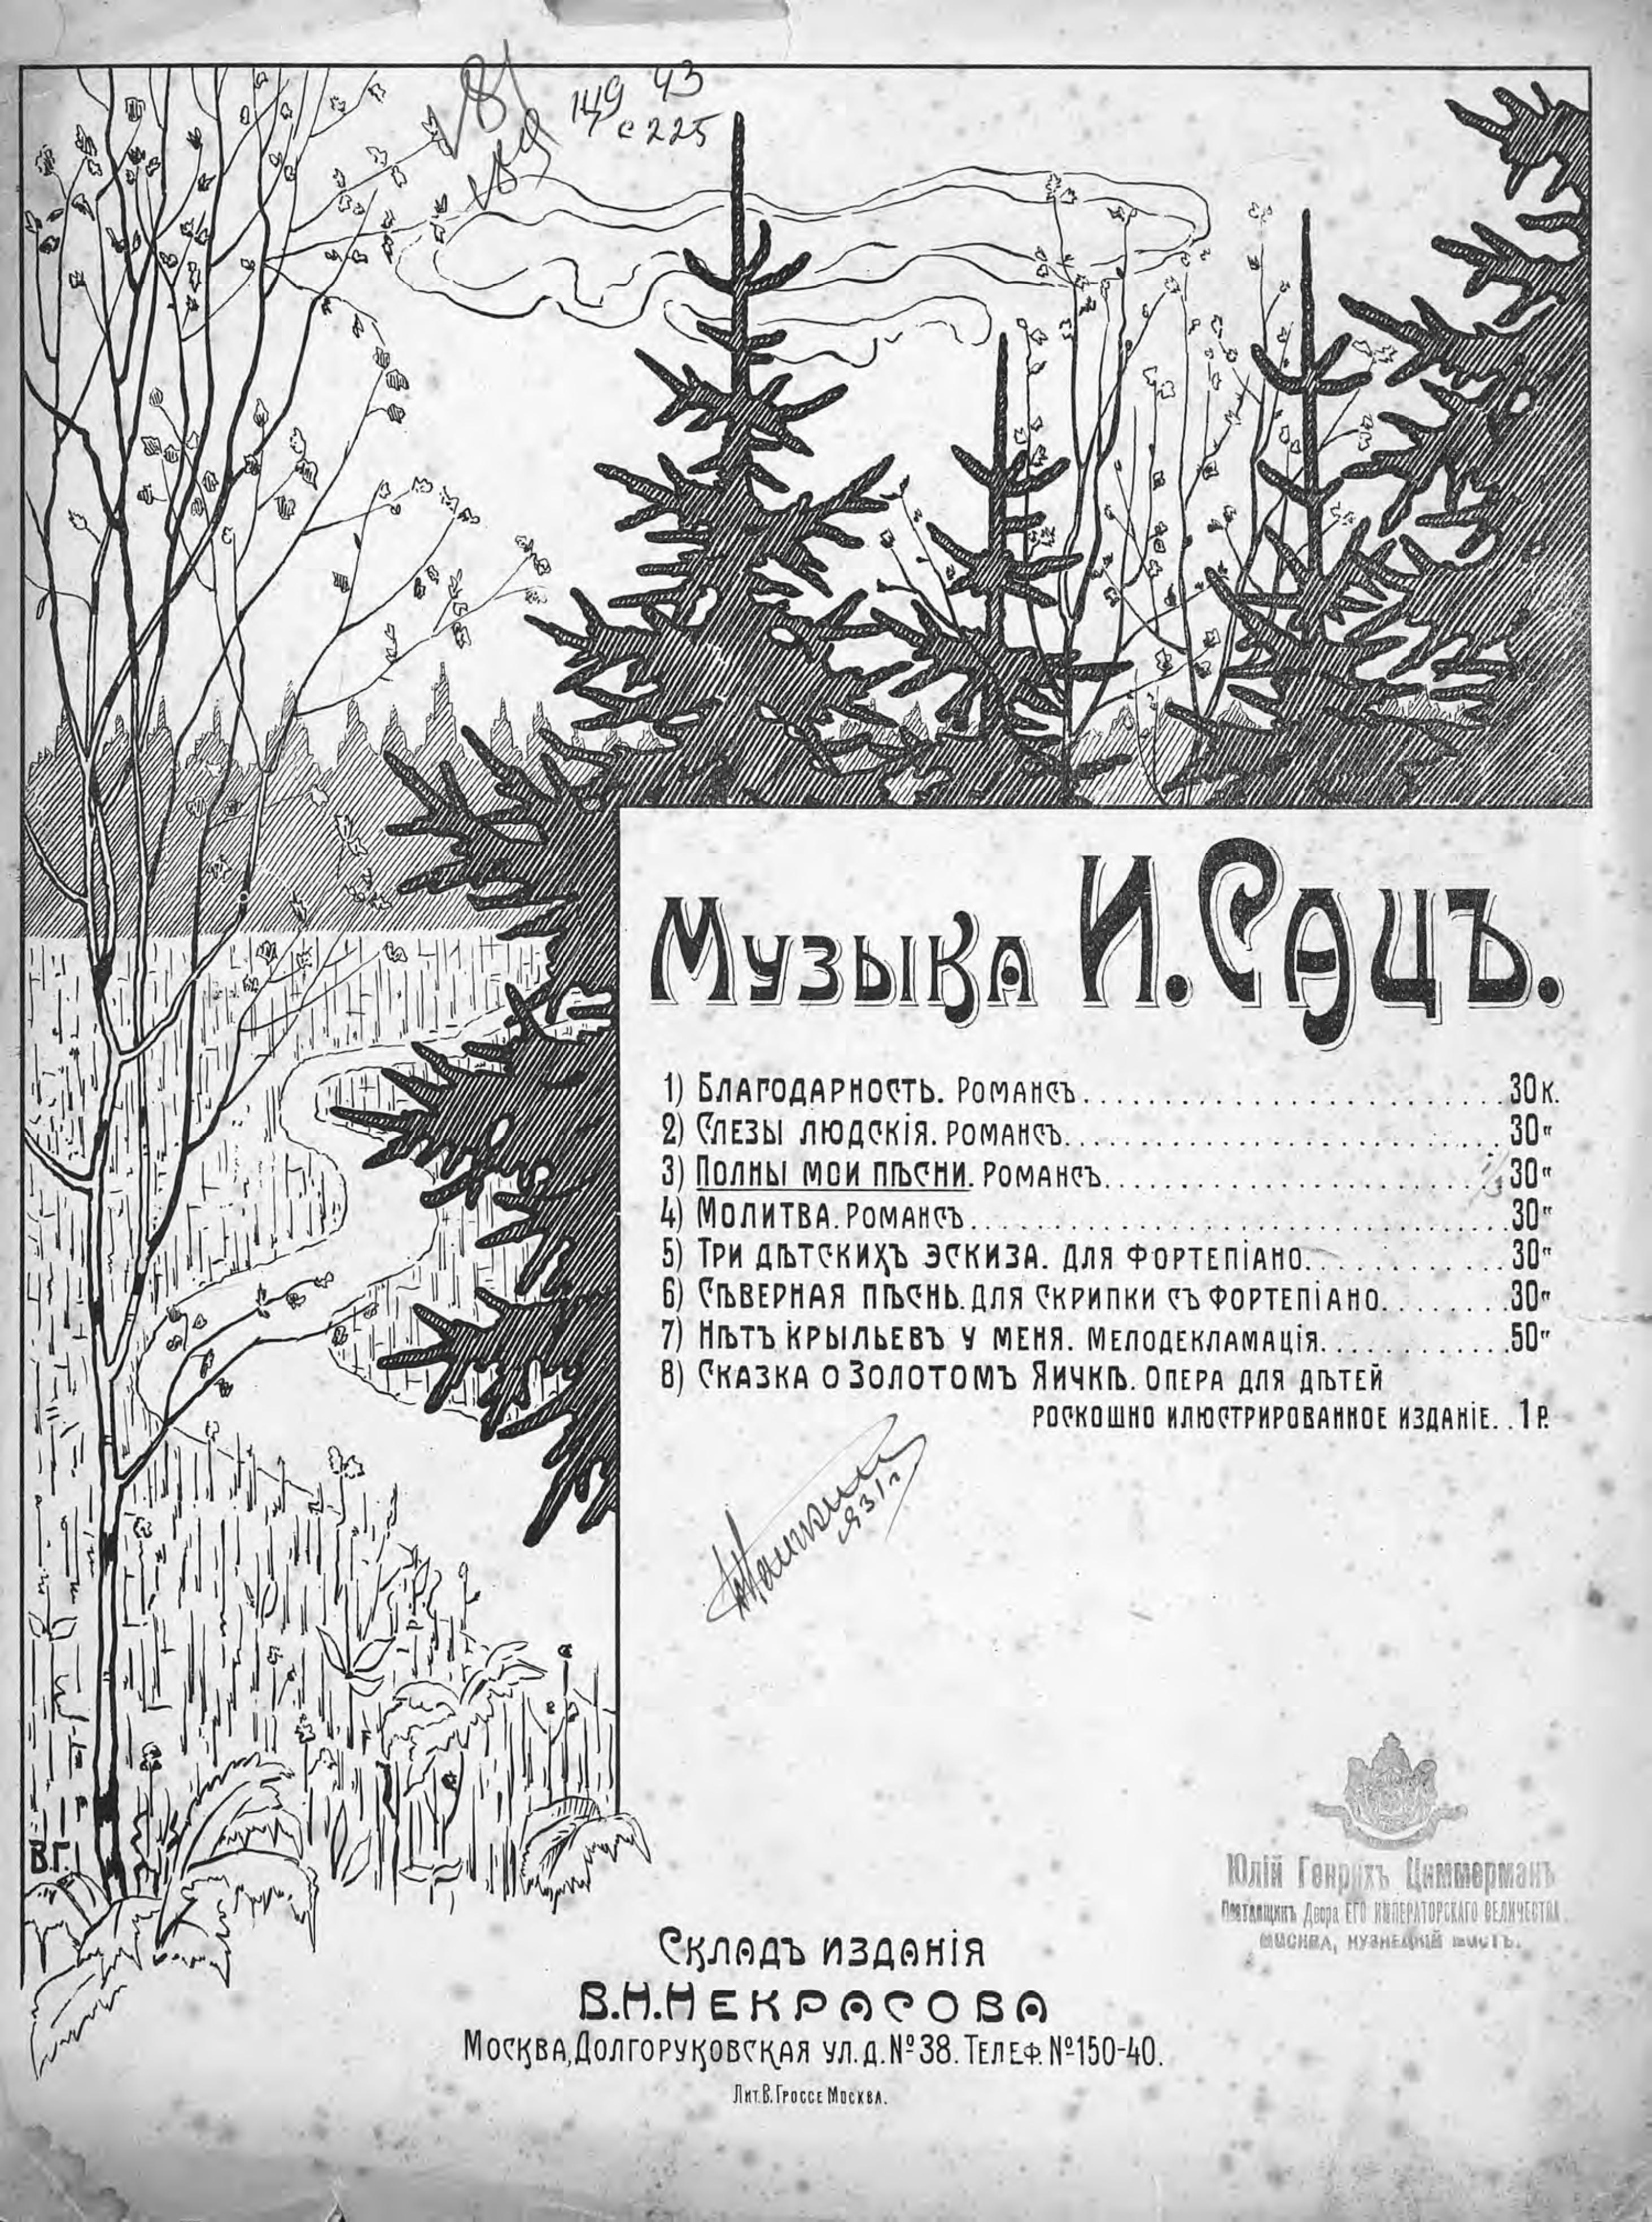 Сац Илья Александрович Полны мои песни сац илья александрович полны мои песни